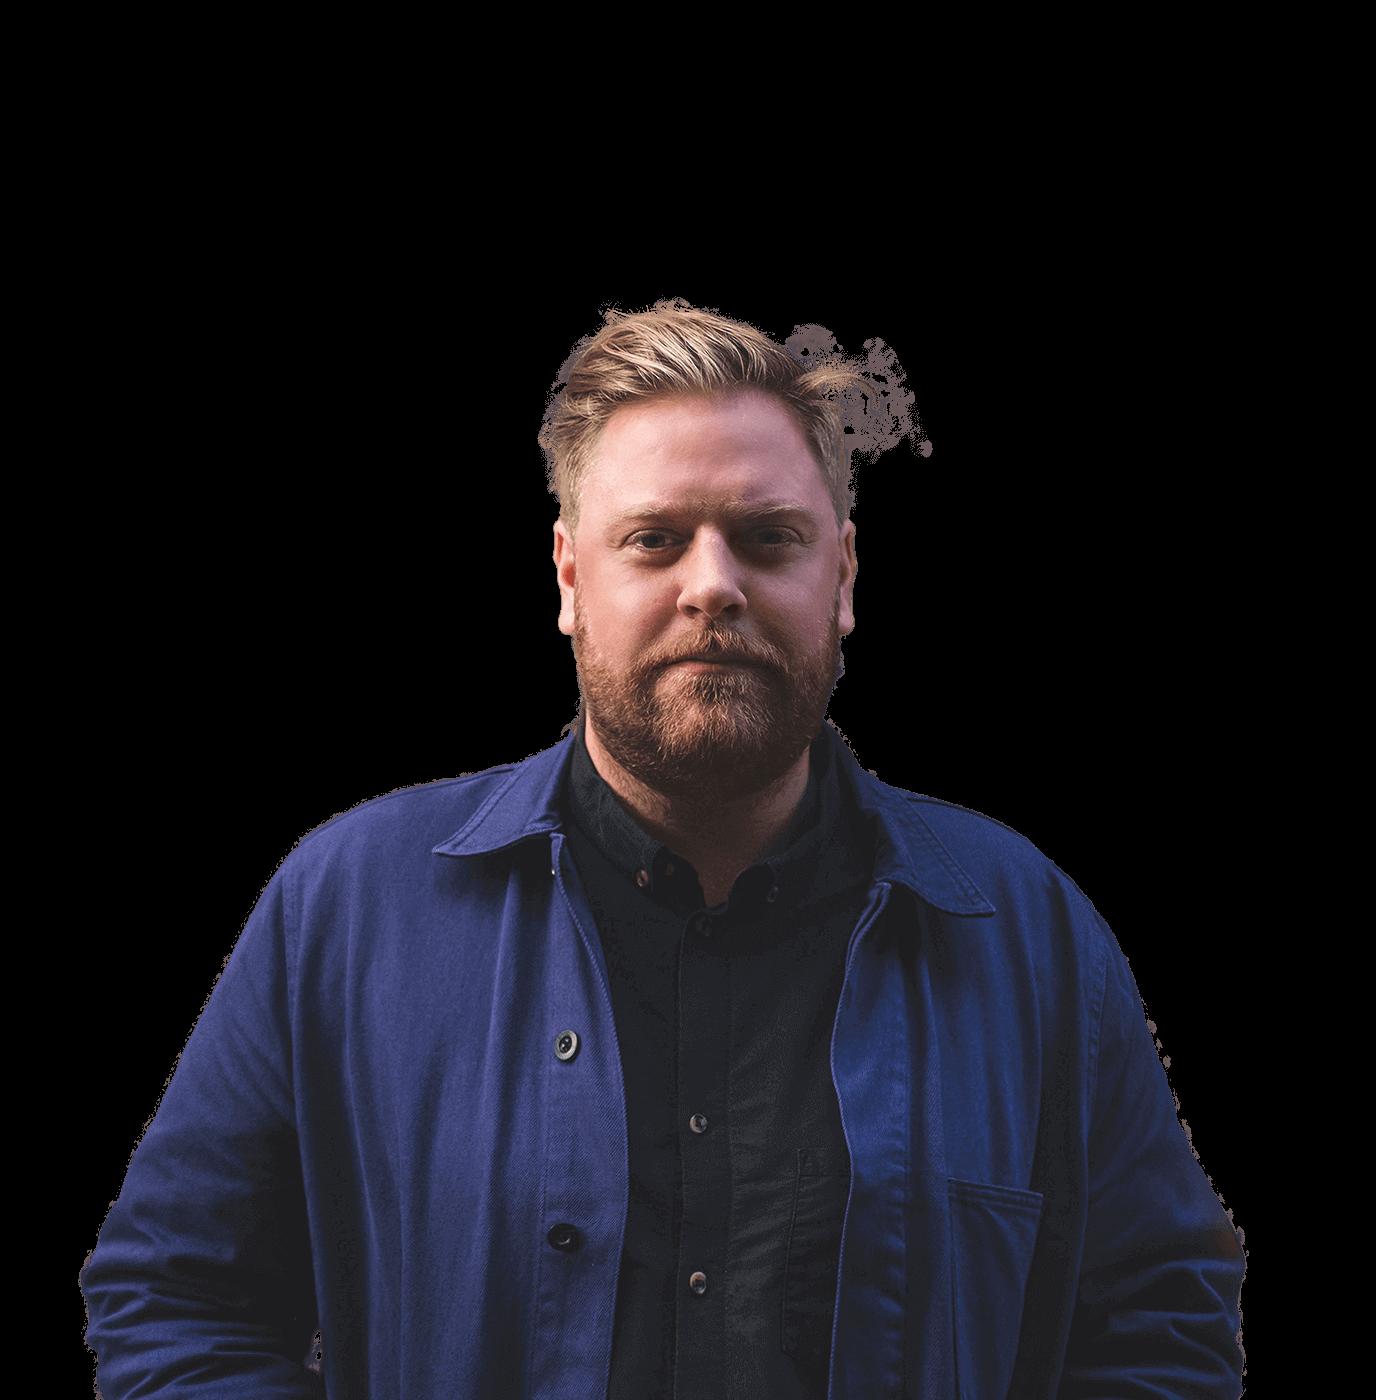 Portrait of Jesper Bryngelsson.